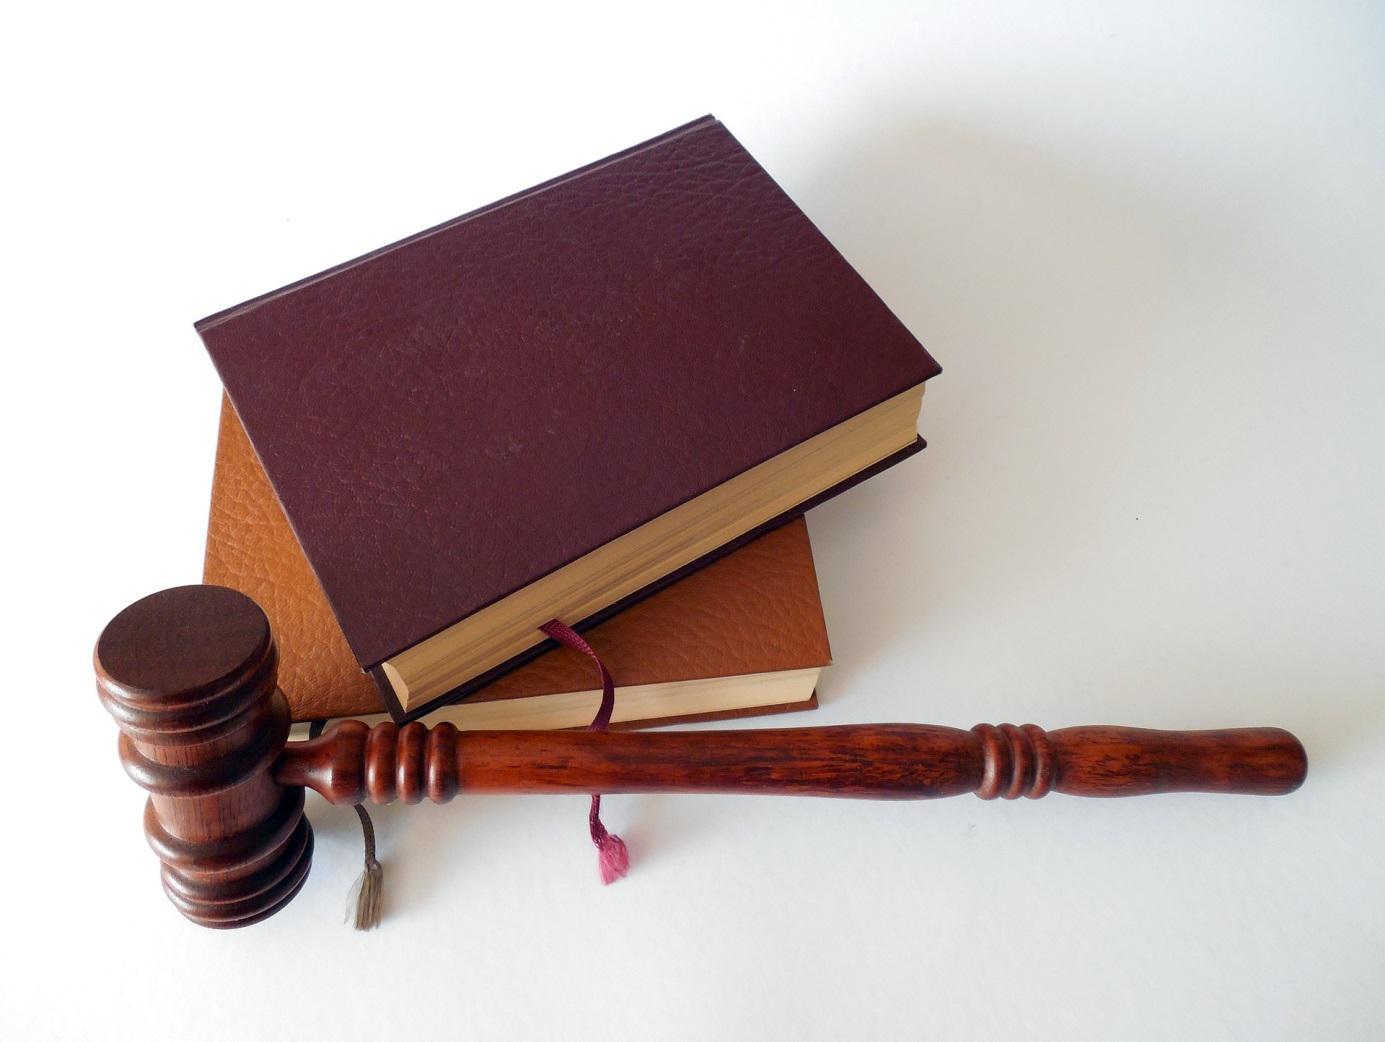 Czy Właściciel może po otrzymaniu protokołu z głosowania nad uchwałami, zmienić stanowisko i poprosić o wykreślenie jego głosu ZA uchwałą?